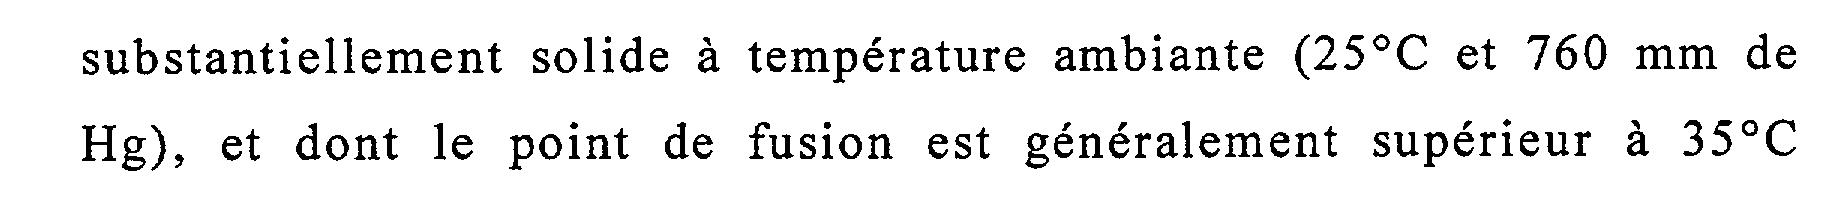 Figure img00280001